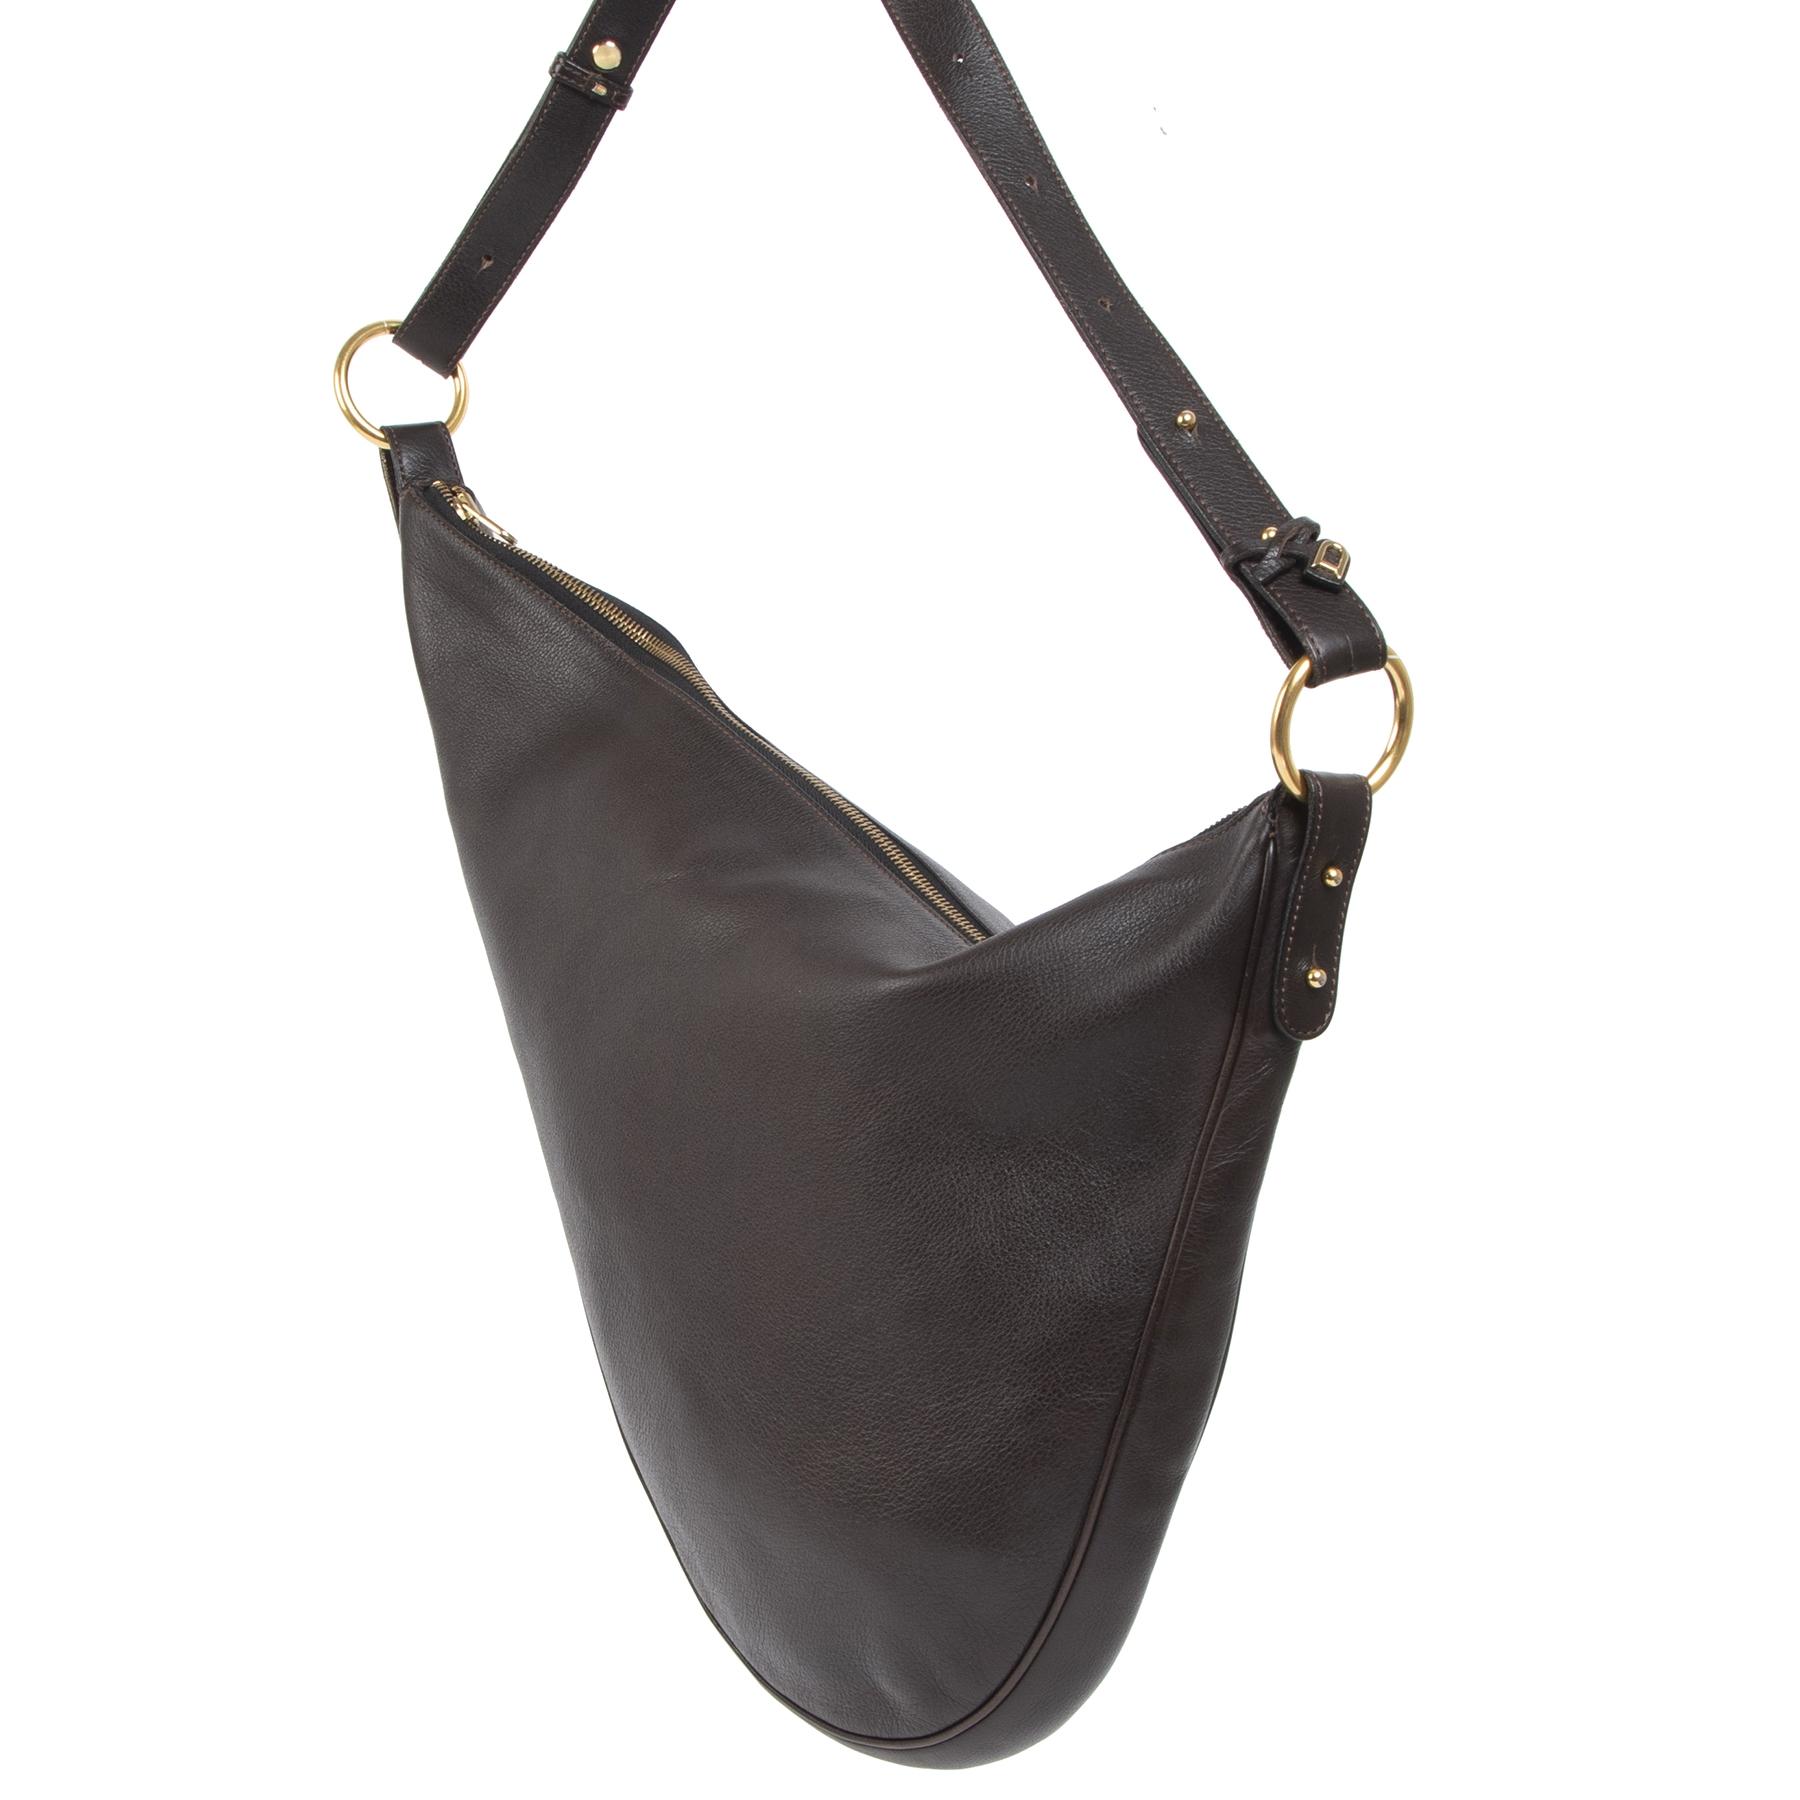 Authentieke Tweedehands Delvaux Chocolate Brown Sling Leather Bag juiste prijs veilig online shoppen luxe merken webshop winkelen Antwerpen België mode fashion